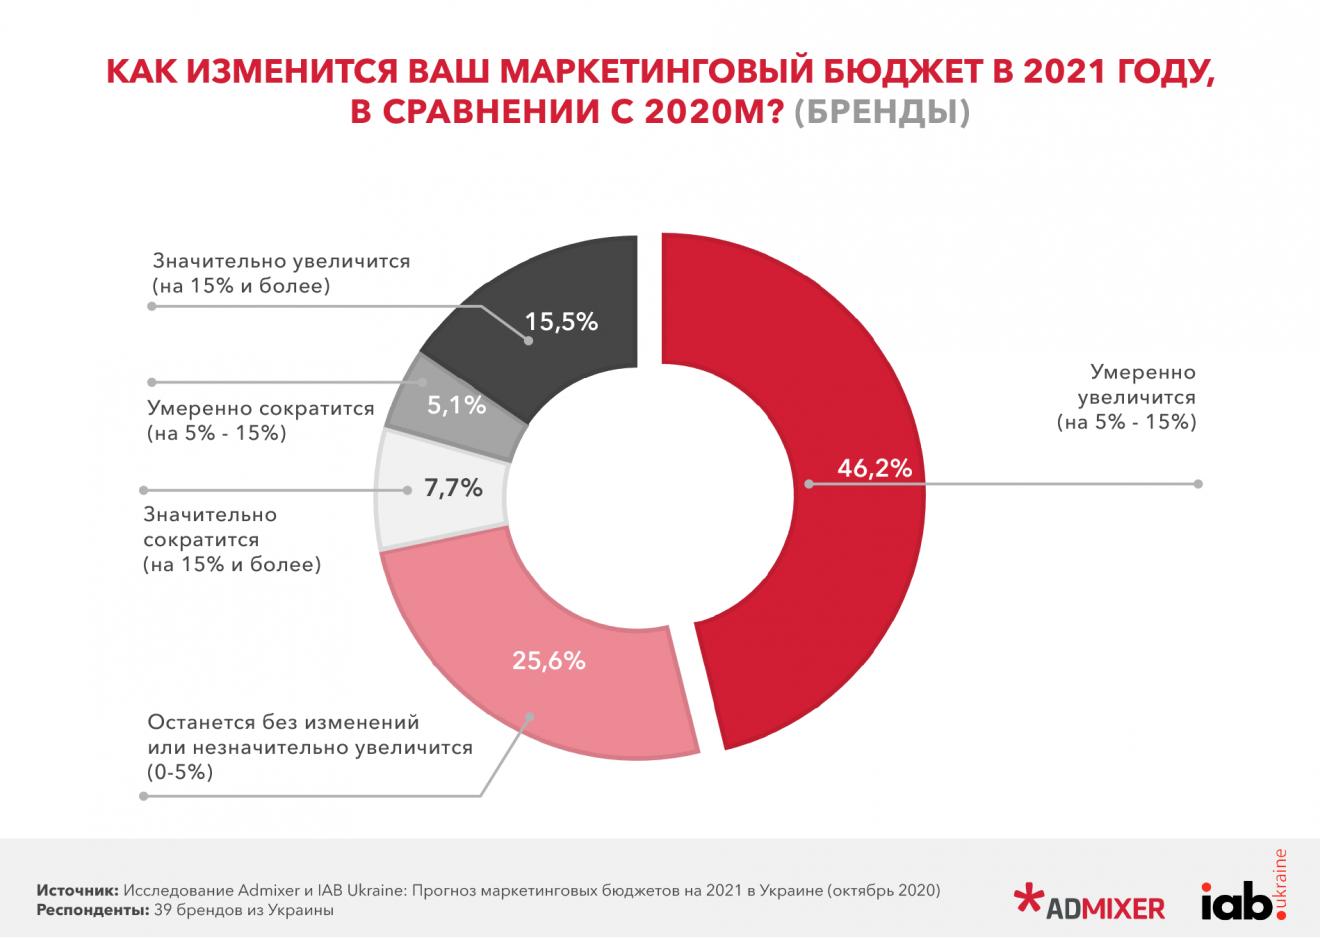 1-1320x938 Прогноз маркетингових бюджетів в Україні на 2021 рік. Дослідження Admixer і IAB Ukraine